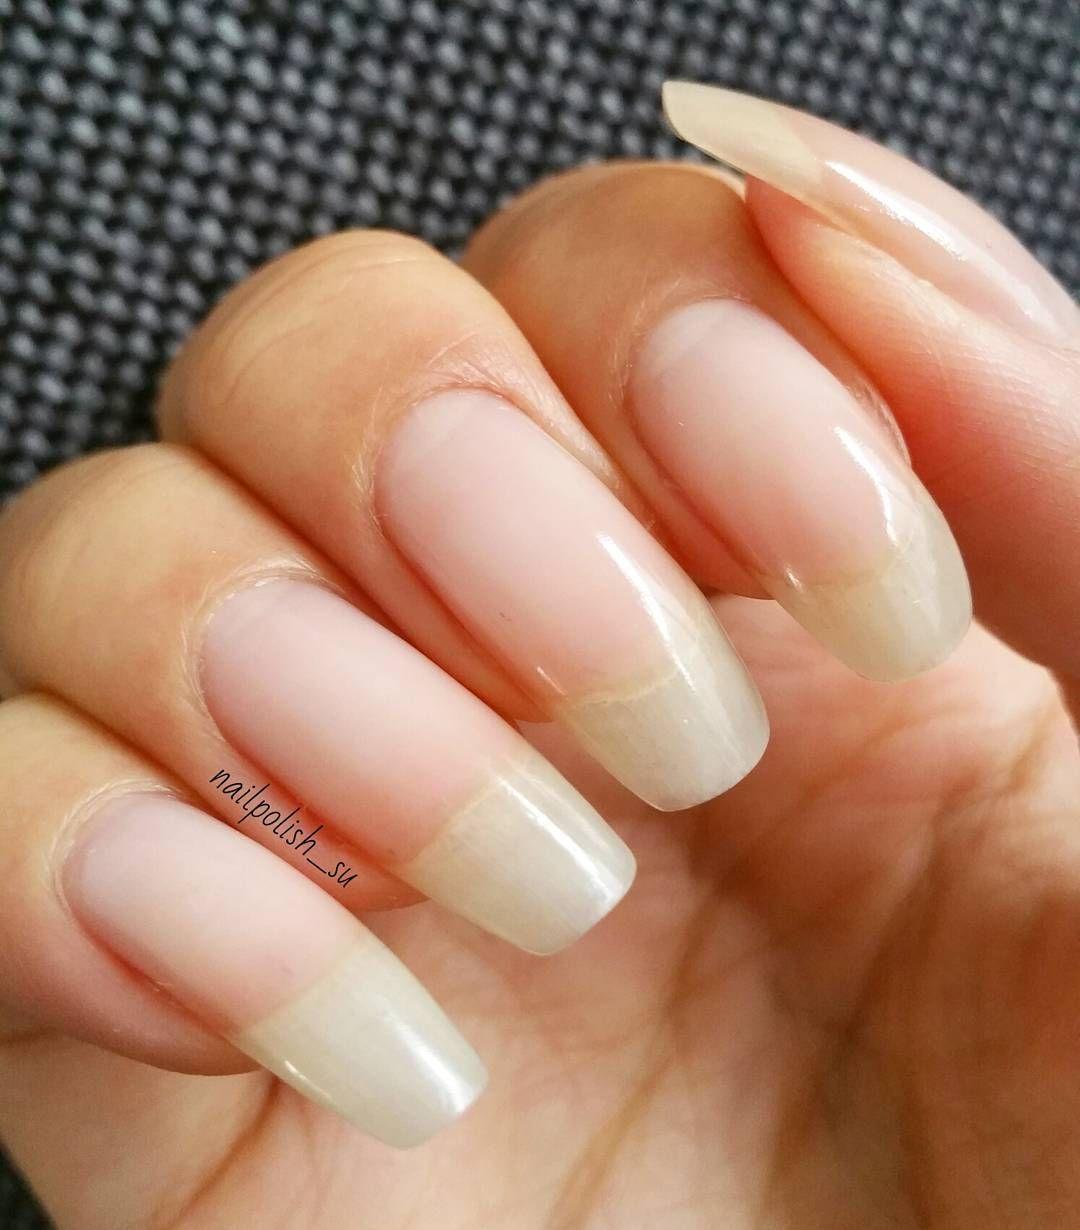 ❤ these nails | natural nails | Pinterest | Natural nails, Pink ...